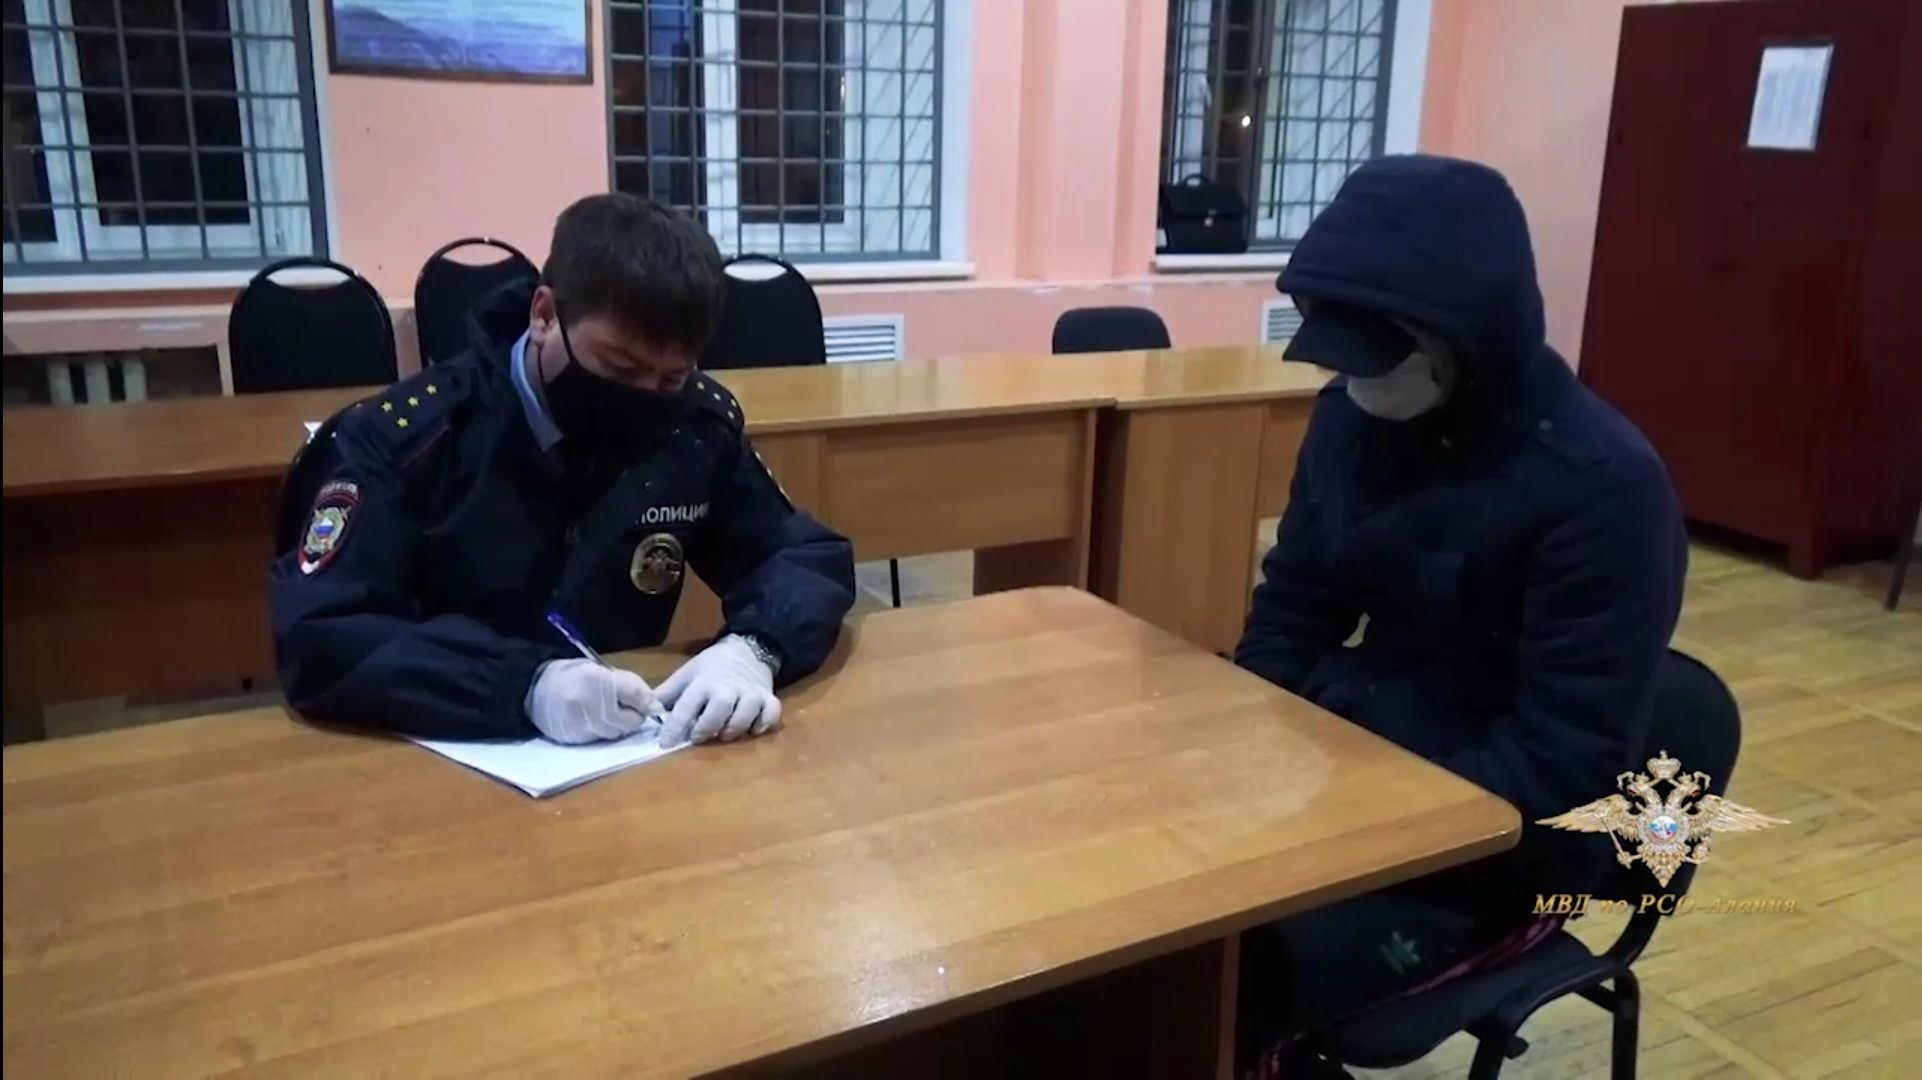 Двое жителей Северной Осетии заплатят по 15 тысяч рублей за нарушение режима самоизоляции